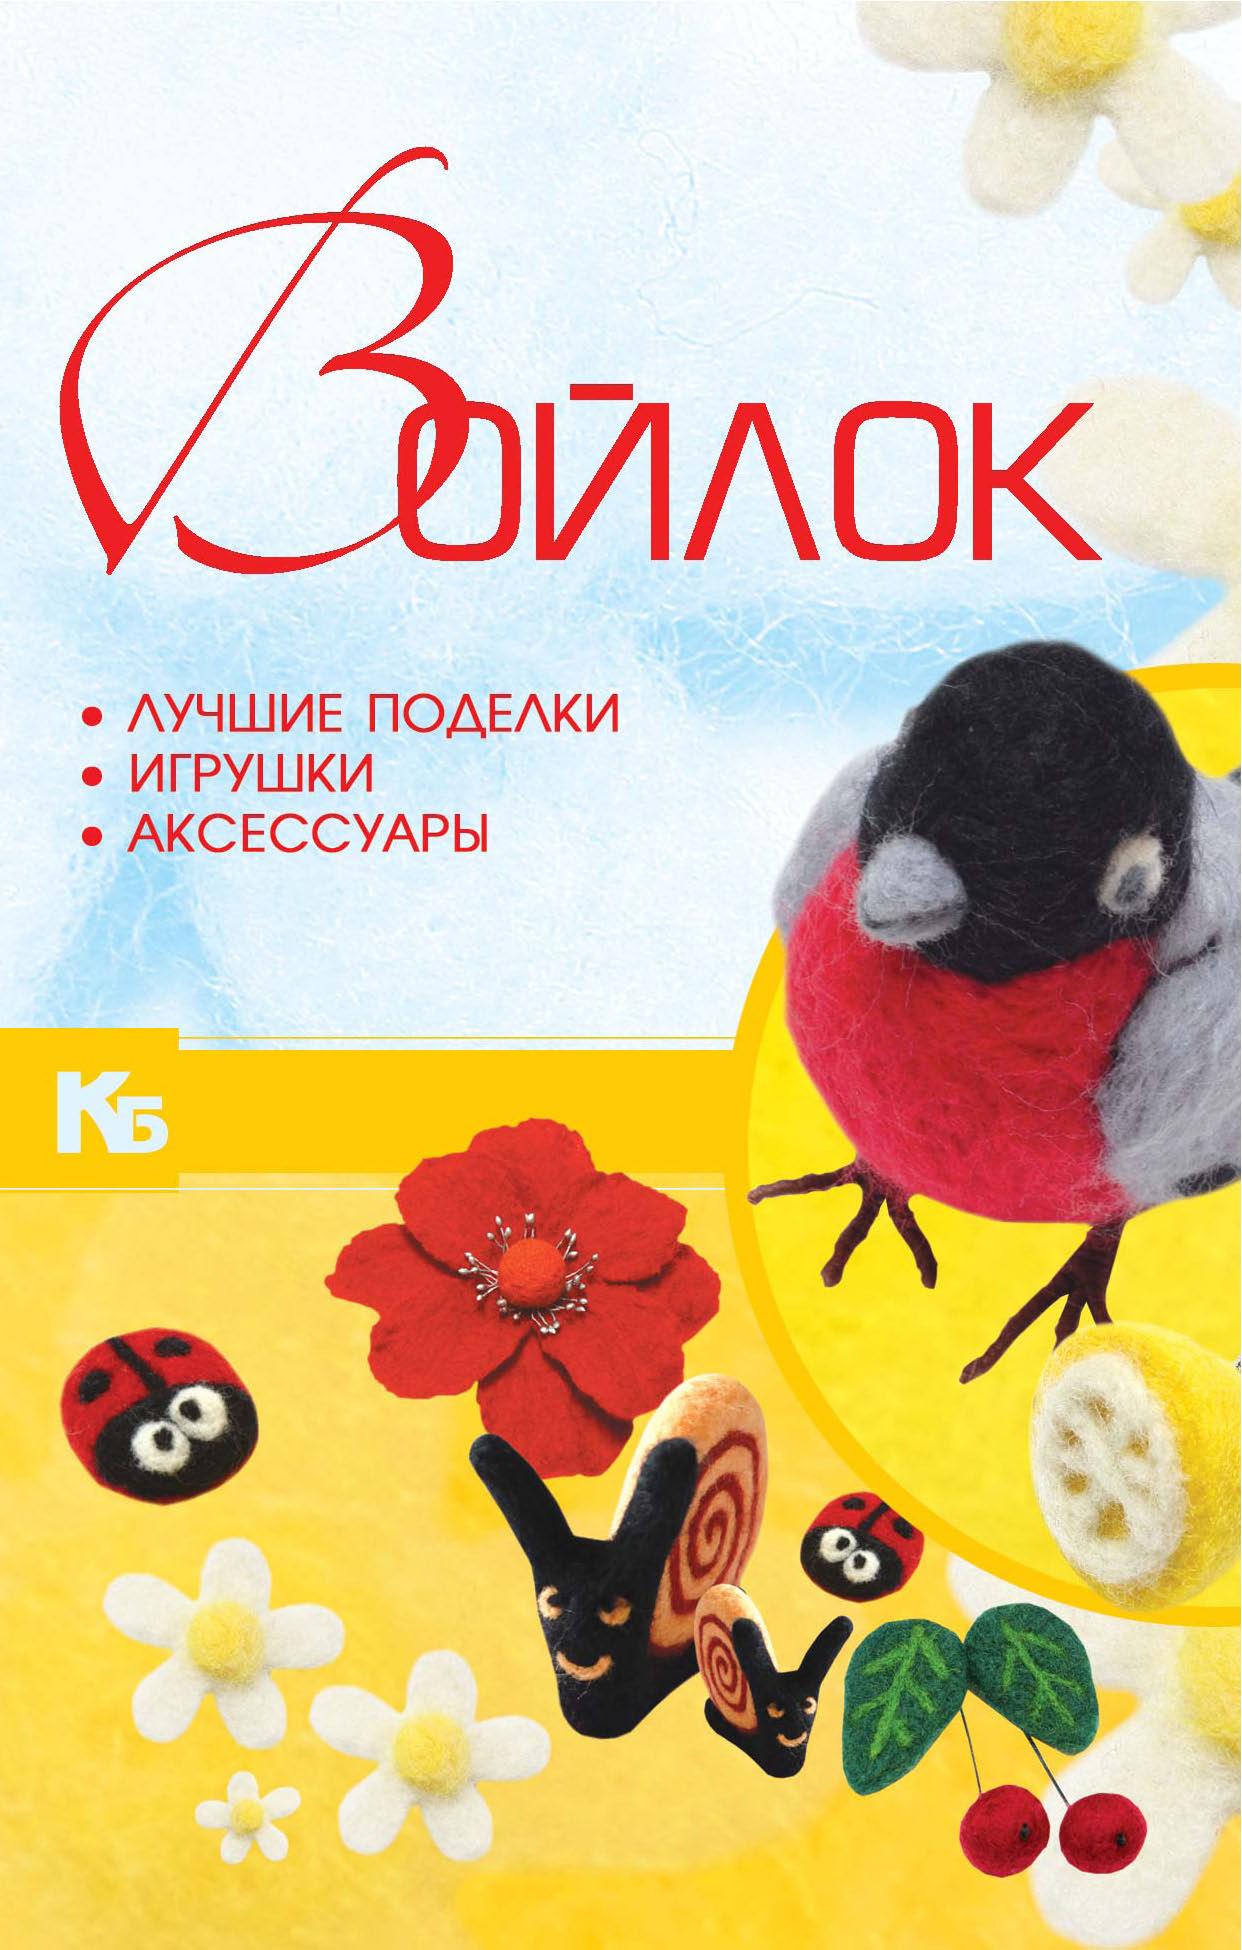 Купить книгу Войлок. Лучшие поделки, игрушки, аксессуары, автора Александры Аксеновой